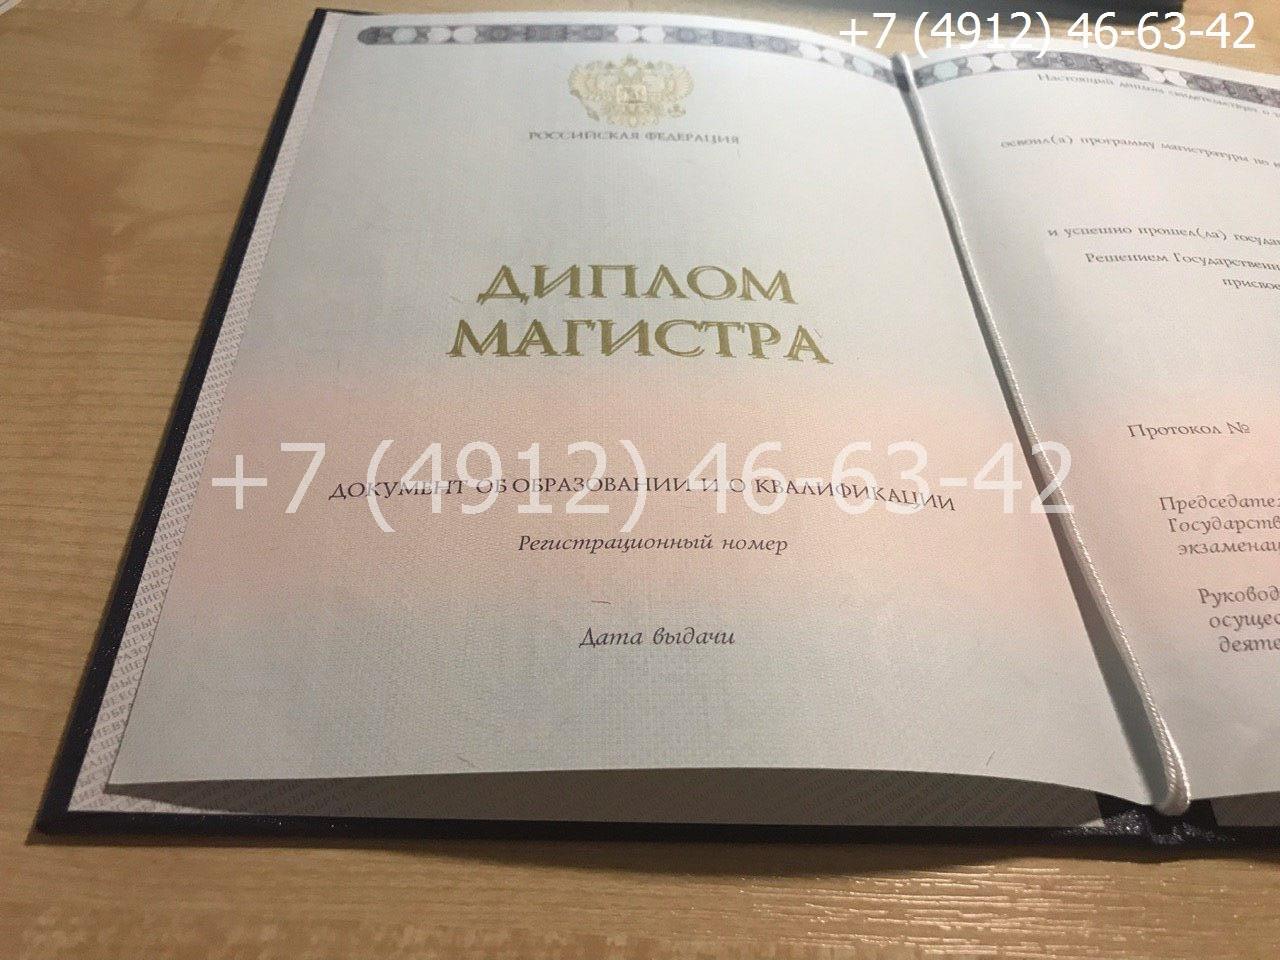 Диплом магистра 2014-2020 годов, образец, титульный лист-1